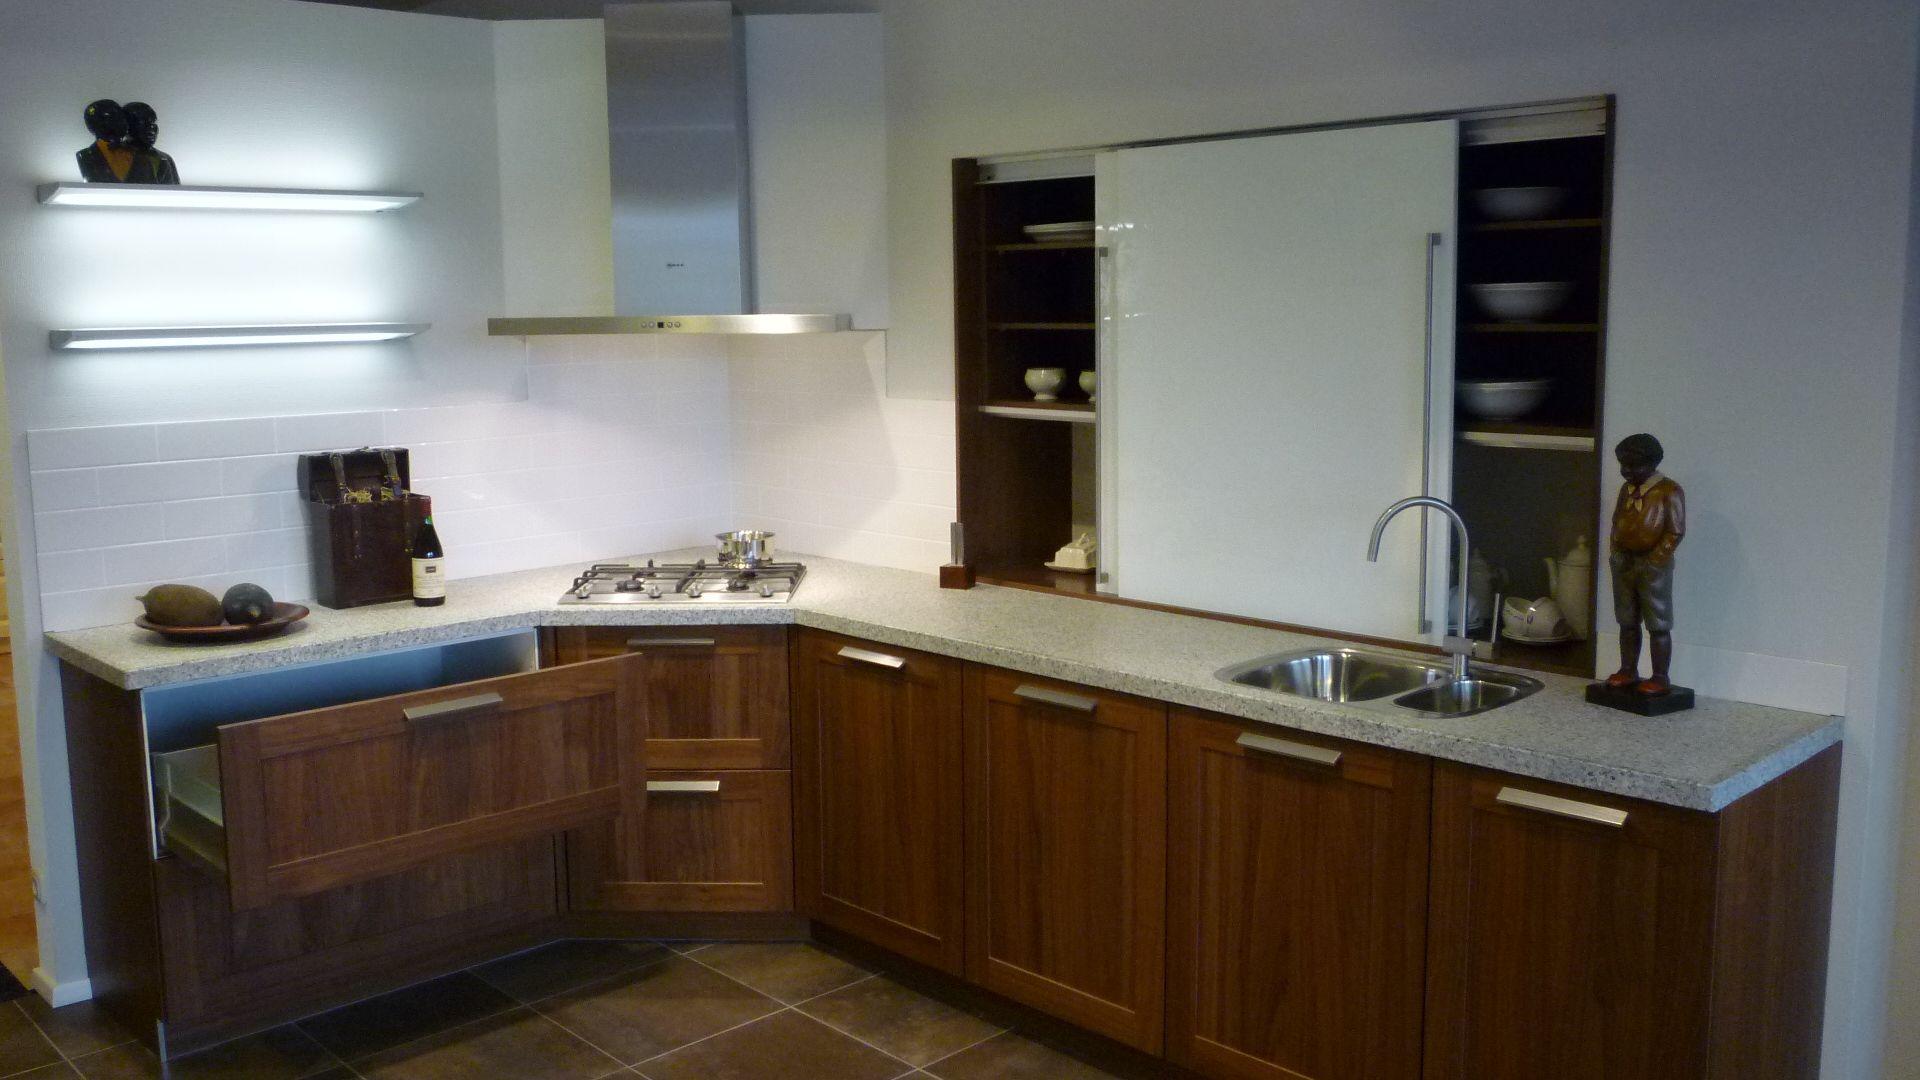 ... keukens voor zeer lage keuken prijzen  Noten hout keuken met